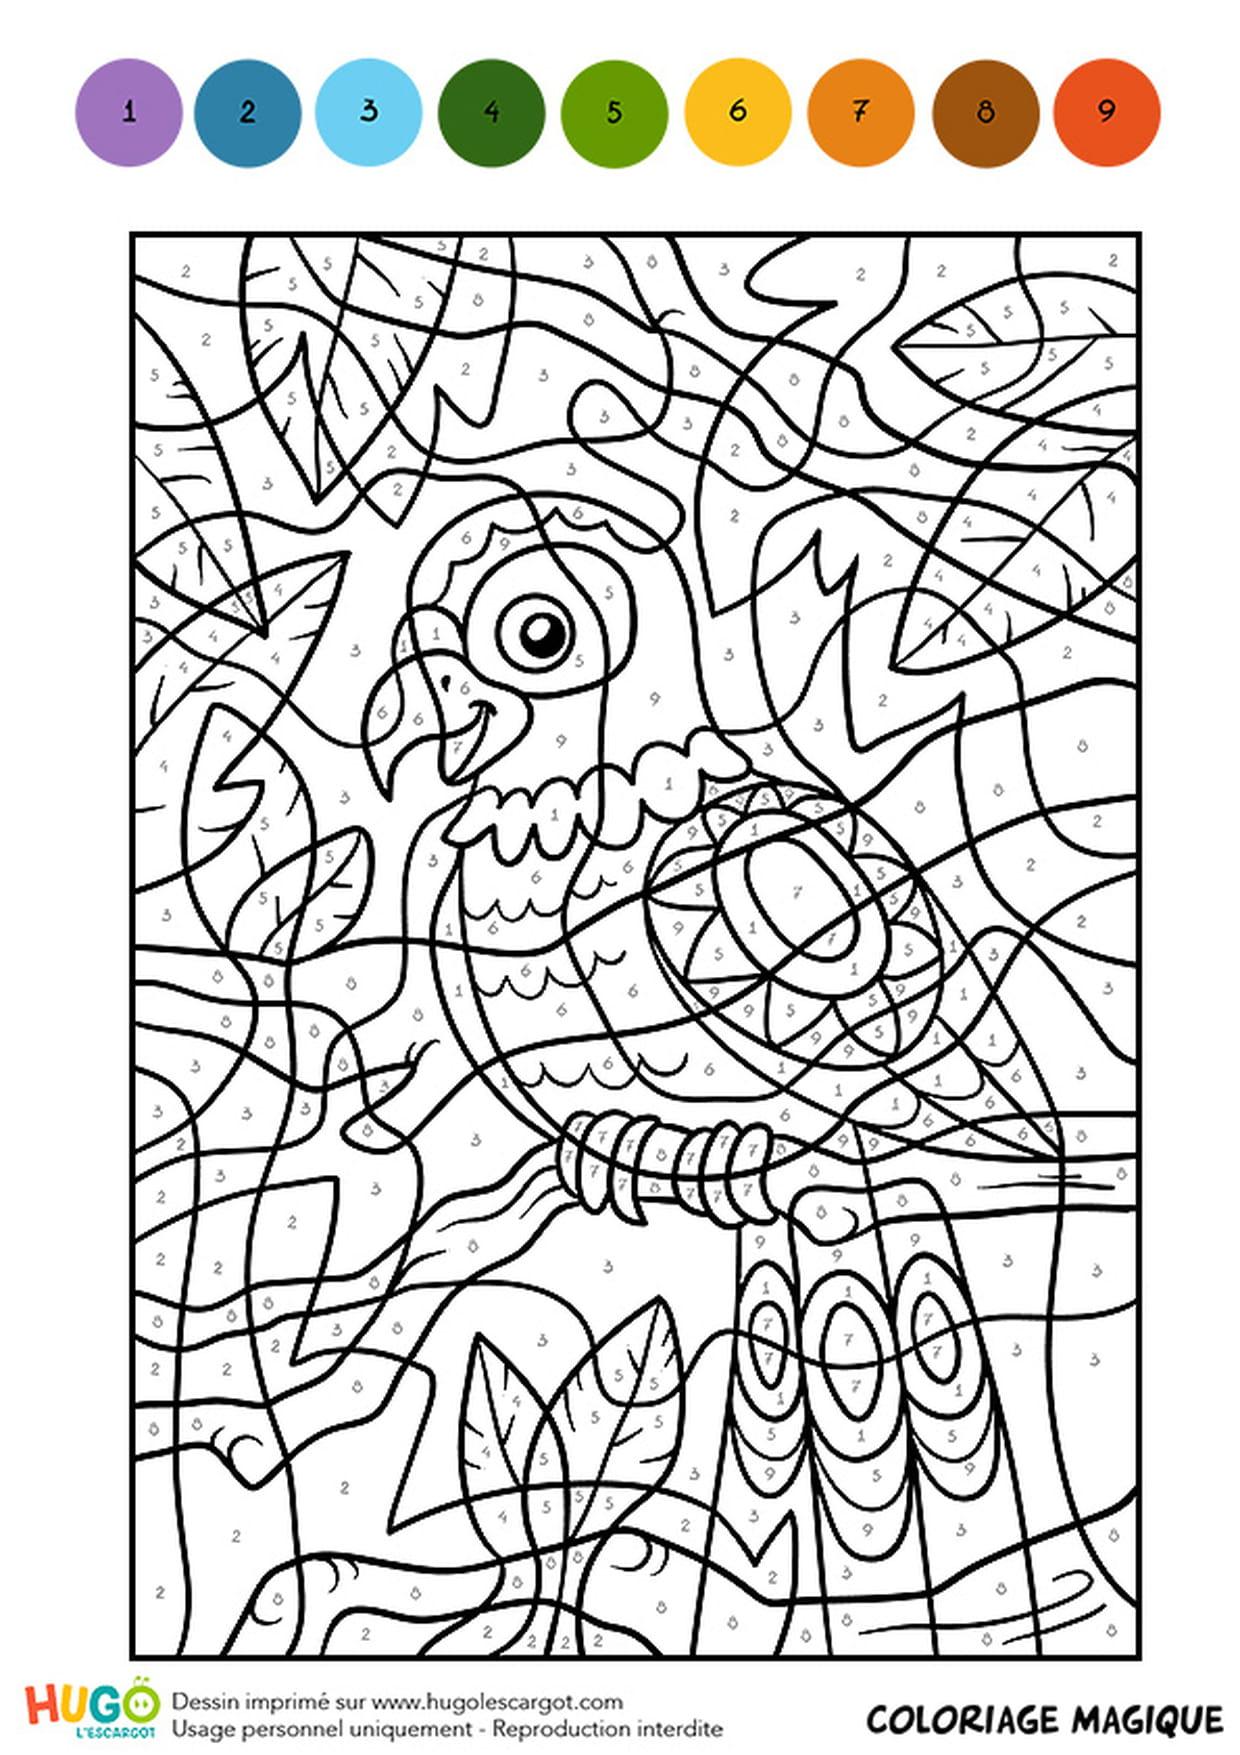 Coloriage Jungle Magique encequiconcerne Coloriage Magique Cm